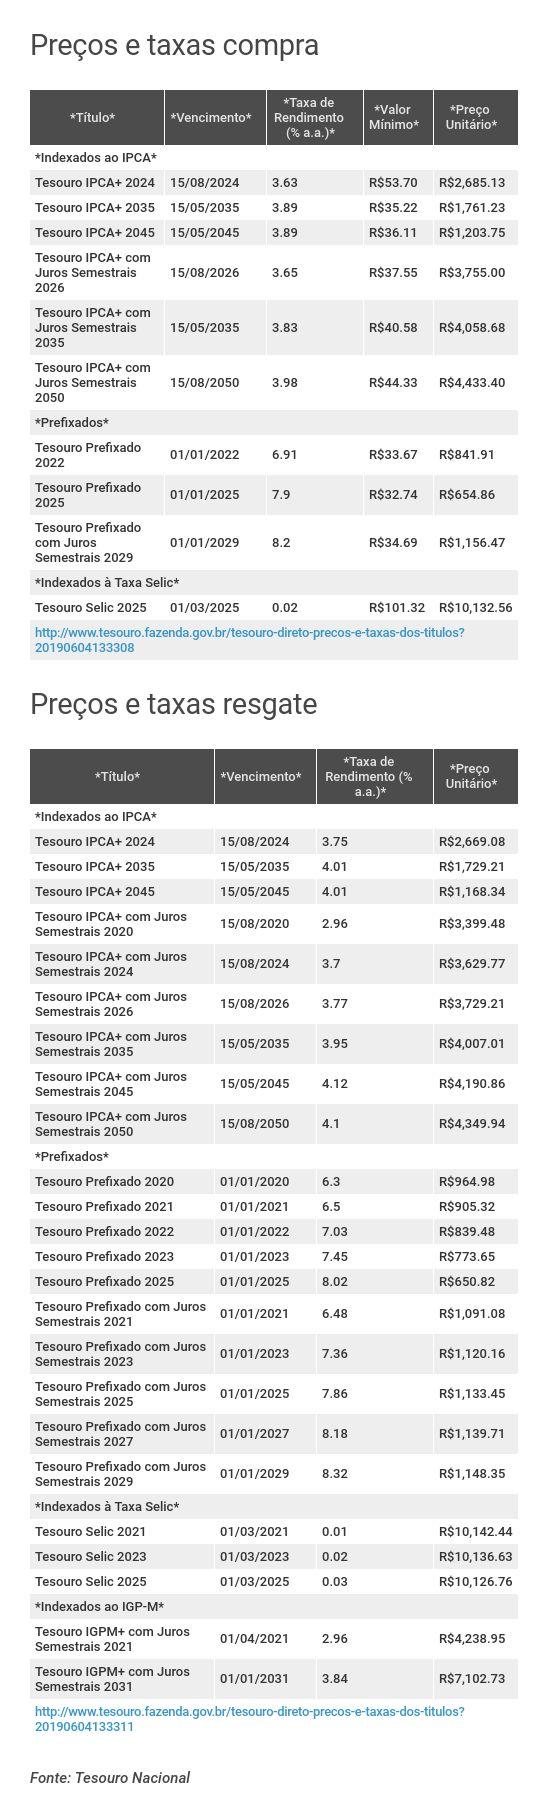 Preços e taxas do Tesouro Direto em 04 de junho de 2019 - abertura